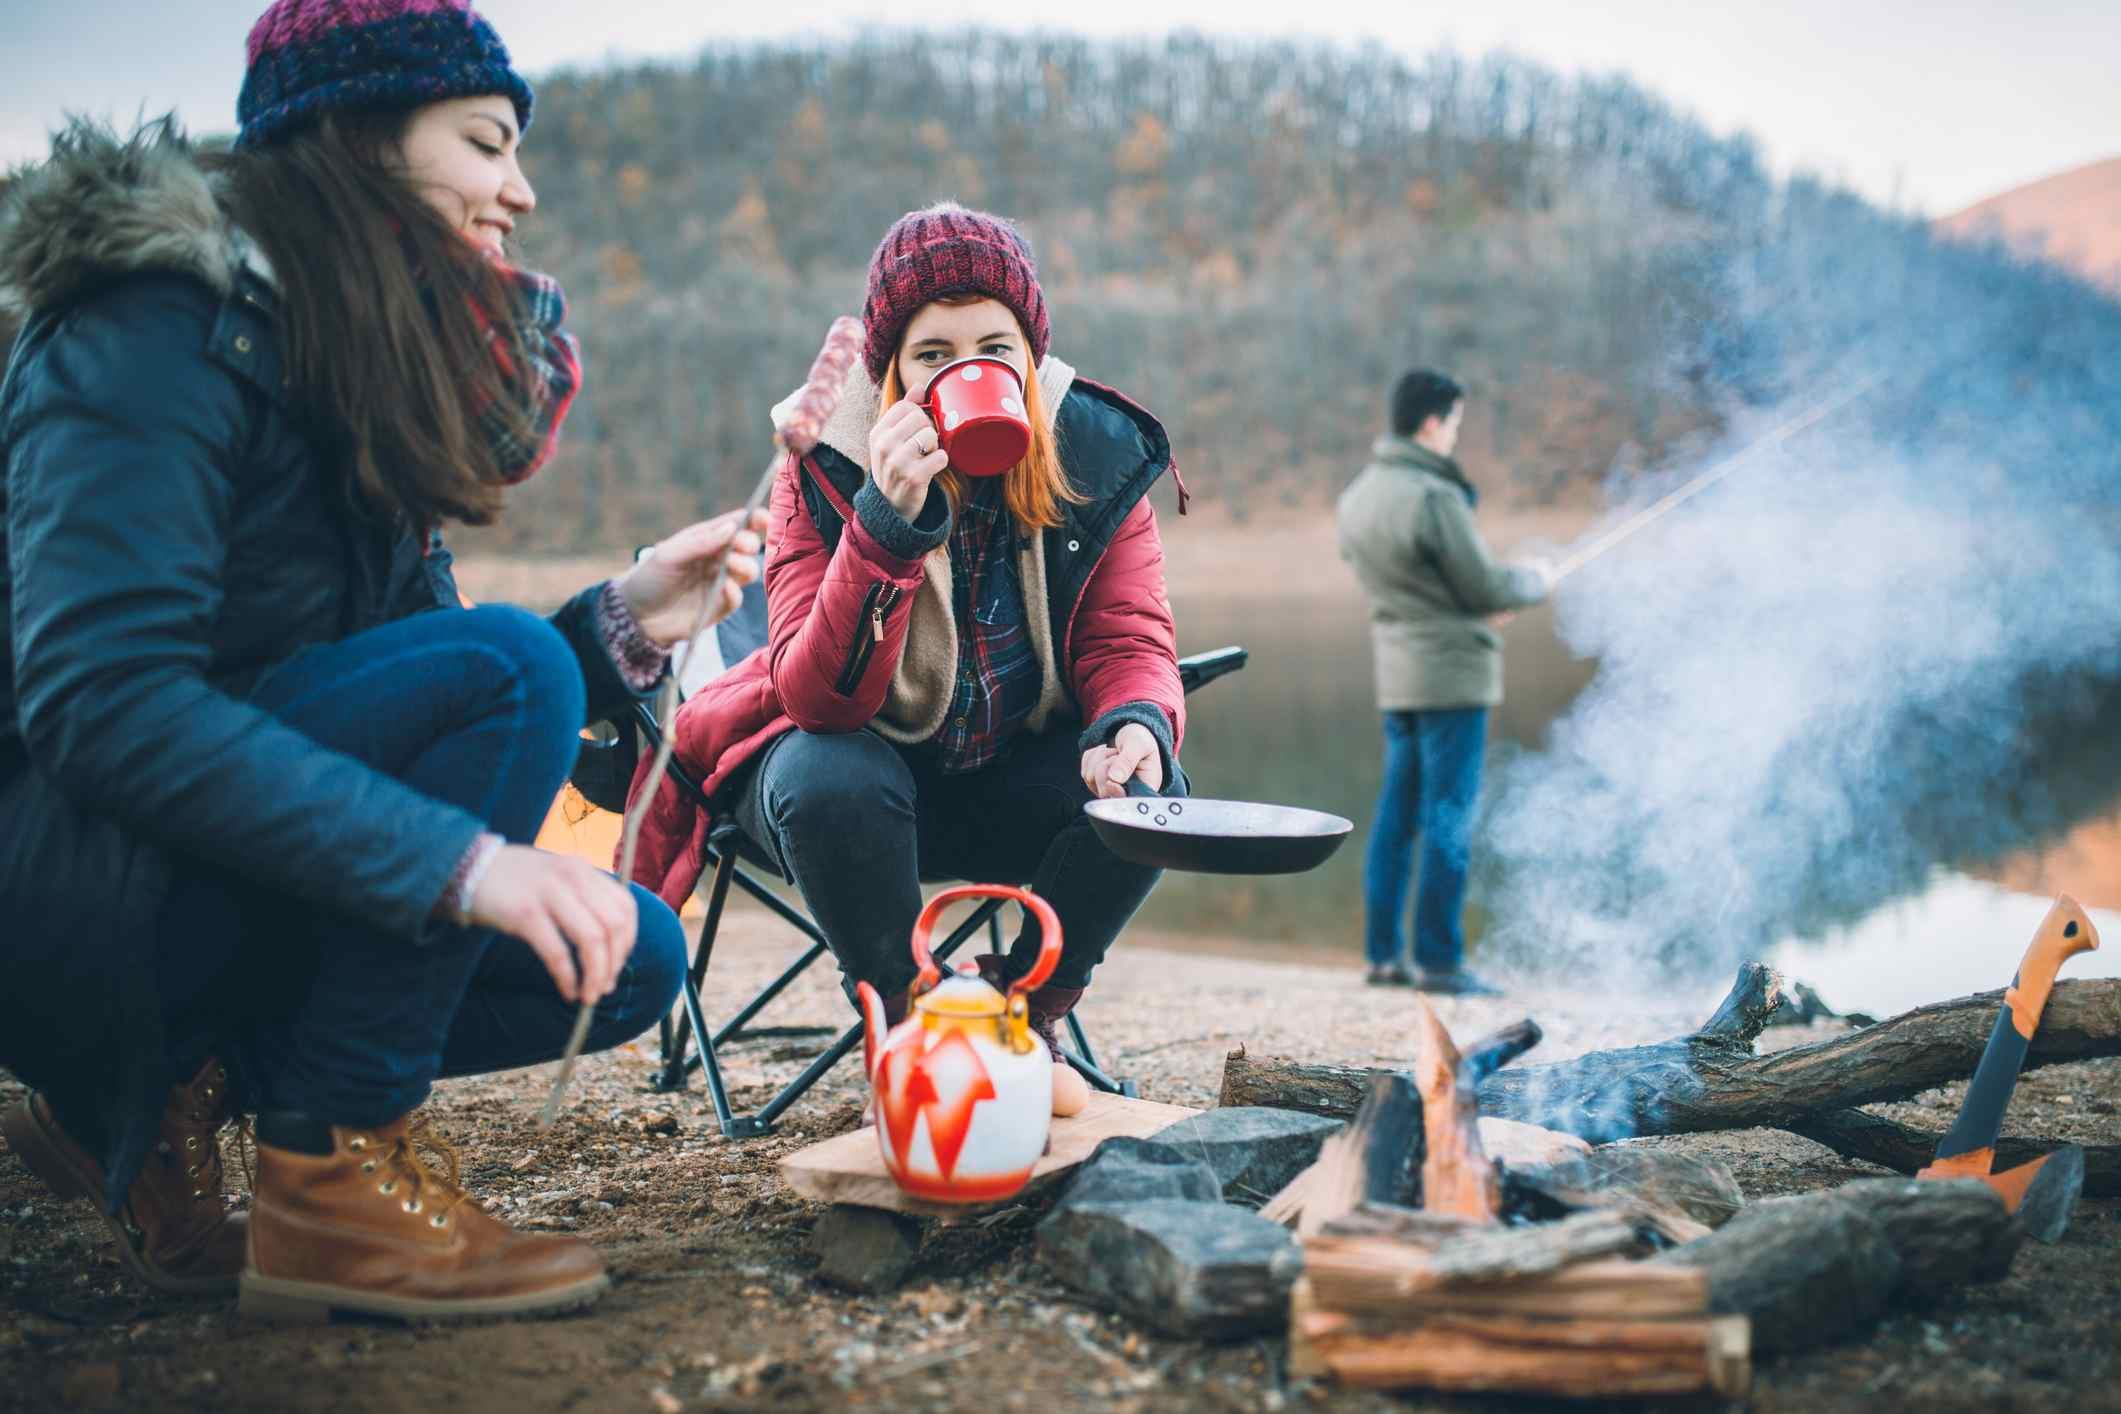 Mujeres jóvenes con ropa de abrigo mientras acampan